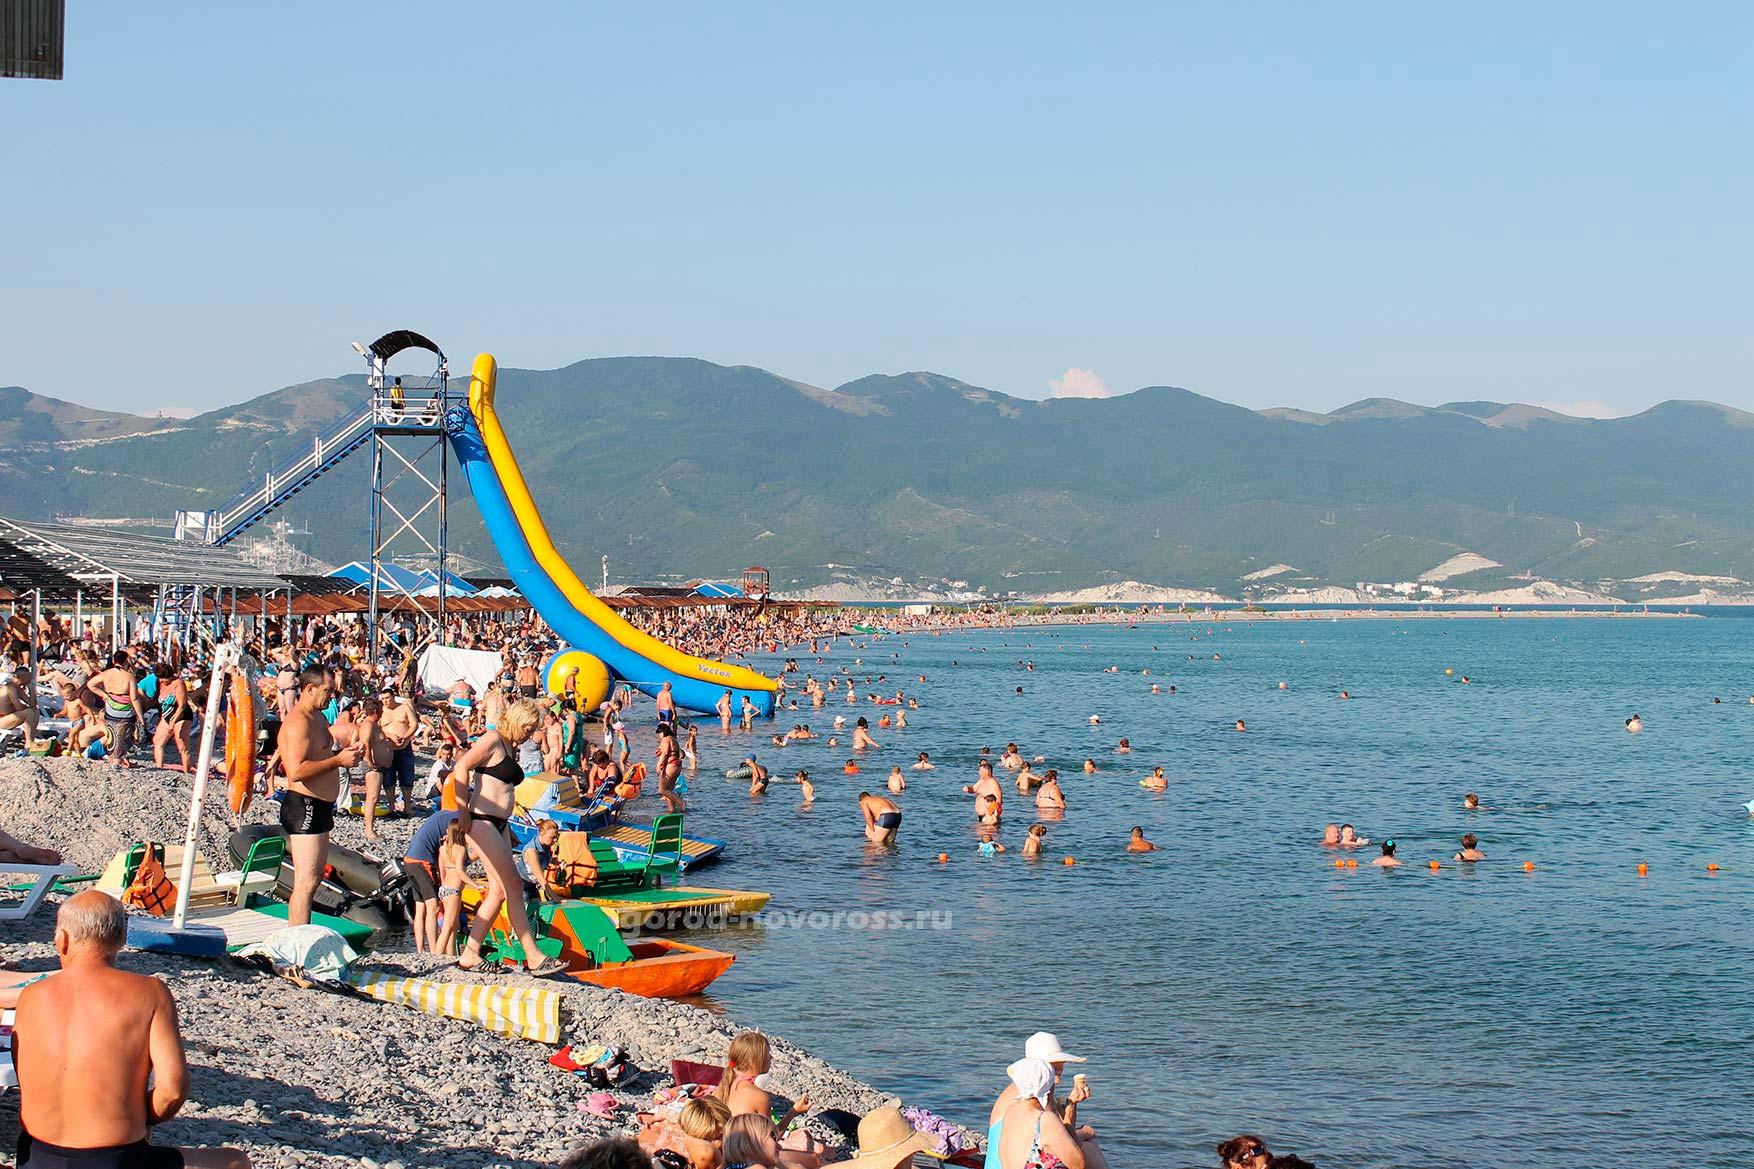 Пляжи Новороссийска отзывы и фото, путеводитель по 10